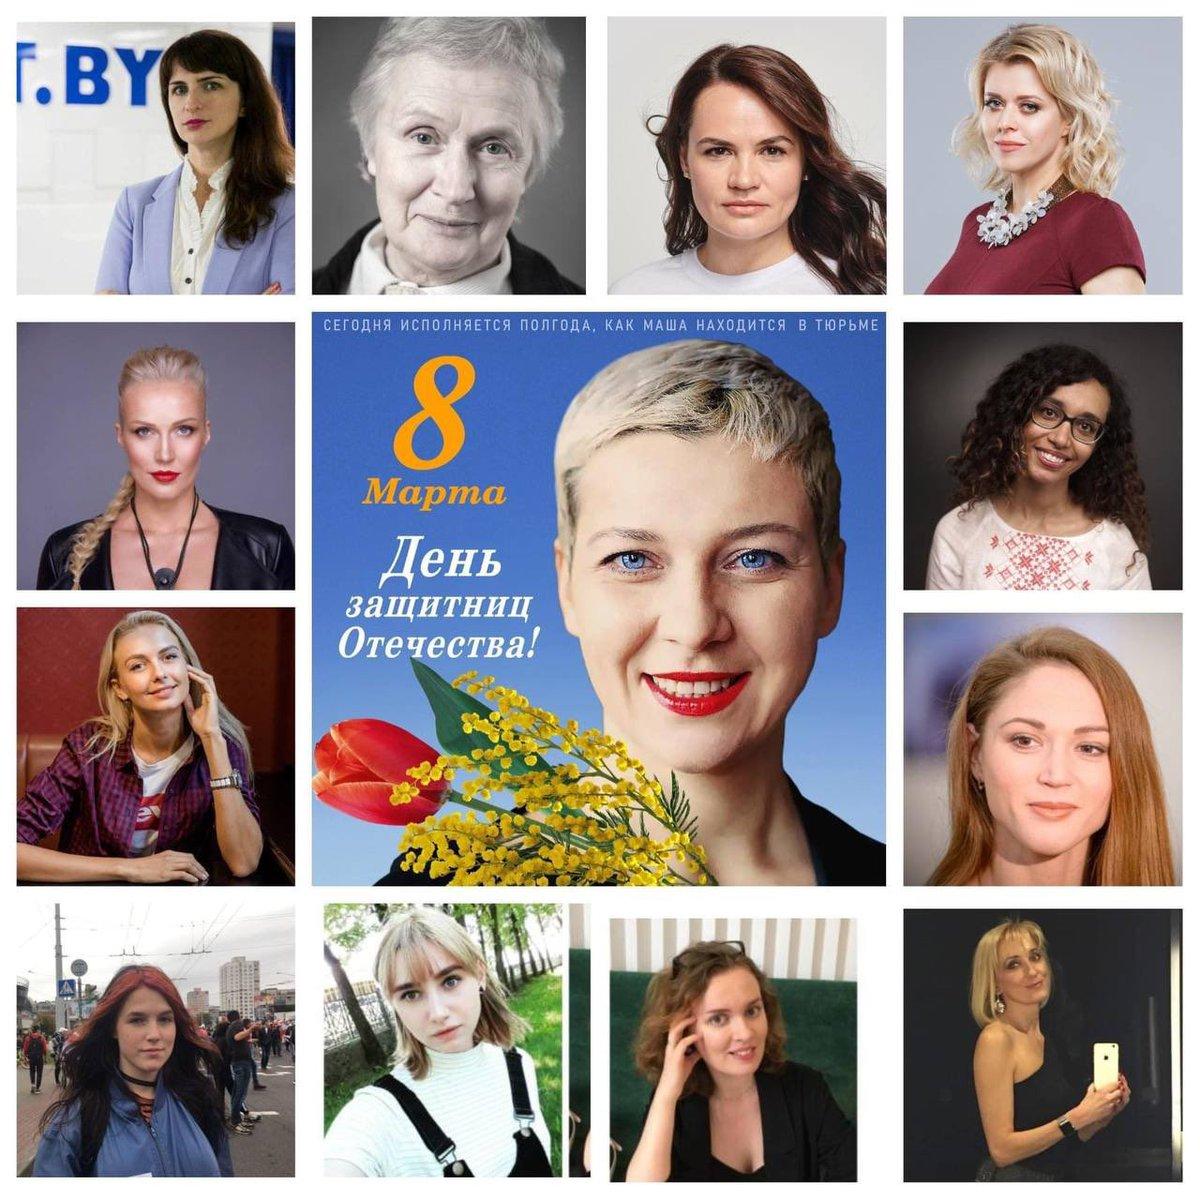 """Heute am #weltfrauentag2021 gehen meine Gedanken auch an die mutigen Frauen in #Belarus und ihrem  unerschrockenem Kampf für ein demokratisches #Belarus. Heute um 13h, Place Luxembourg, Brüssel rede ich zu Frauenrechten und nehme an der Demo teil """"Frieden für Belarus"""".💪♀️"""